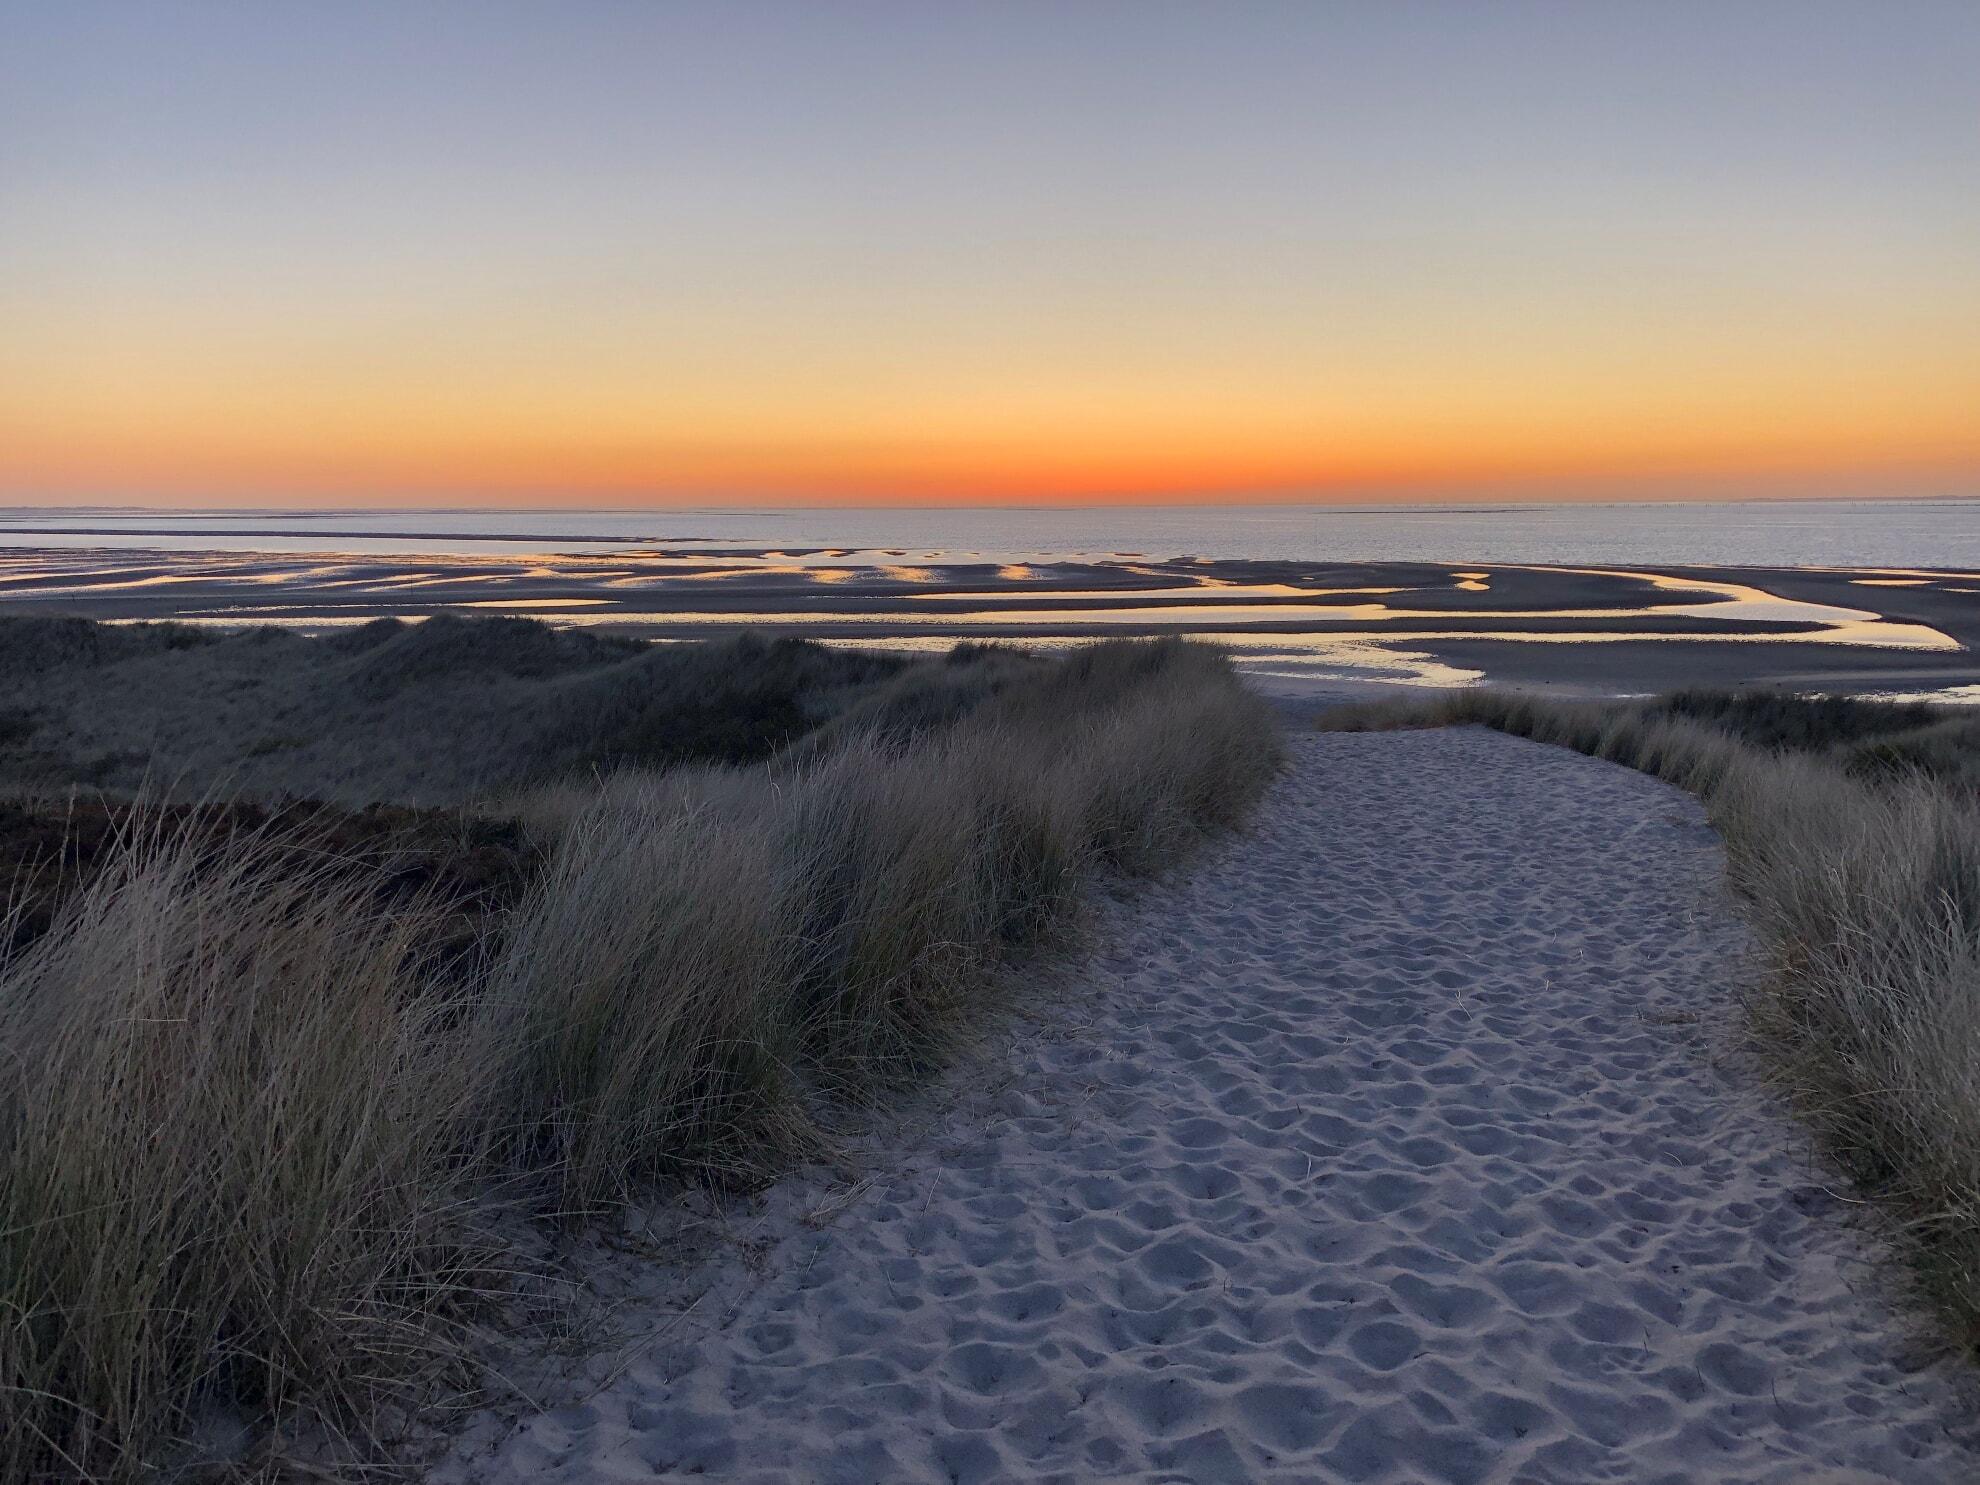 Strandübergang am Möwennest mit Blick auf das Wattenmeer